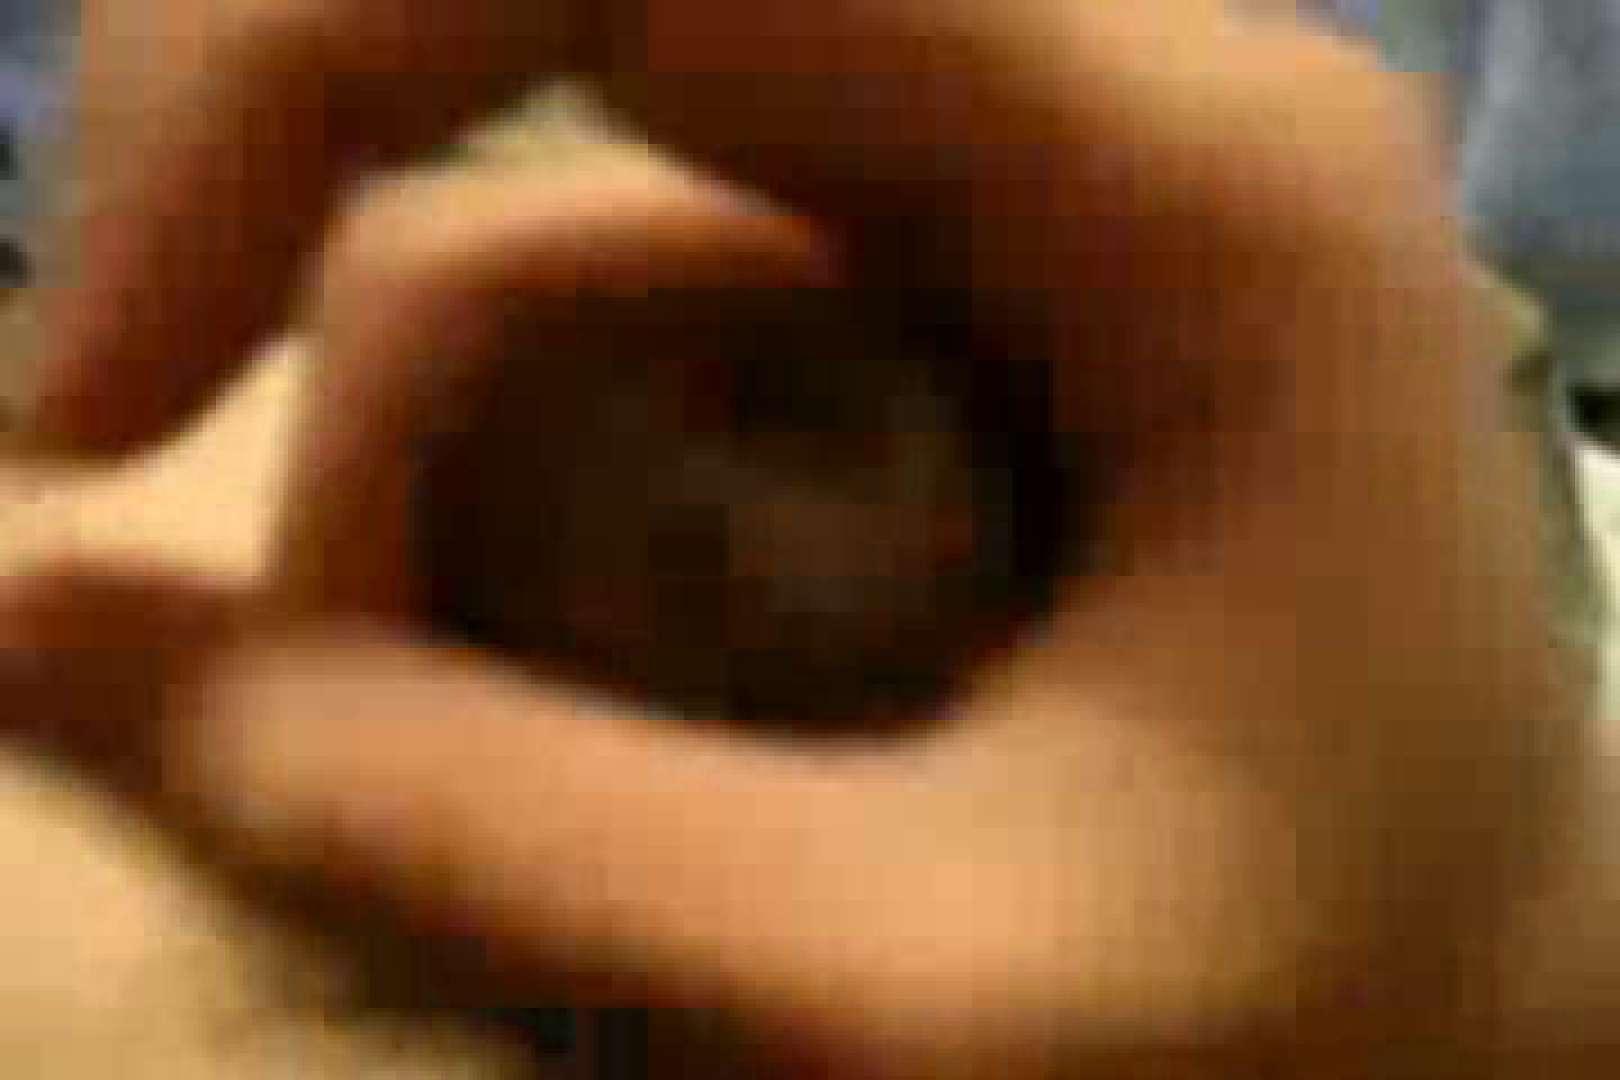 ファイル流出! ! トモ君のちょっと変わっ自画撮りオナニー ゲイのオナニー映像 ゲイ無修正ビデオ画像 63枚 41